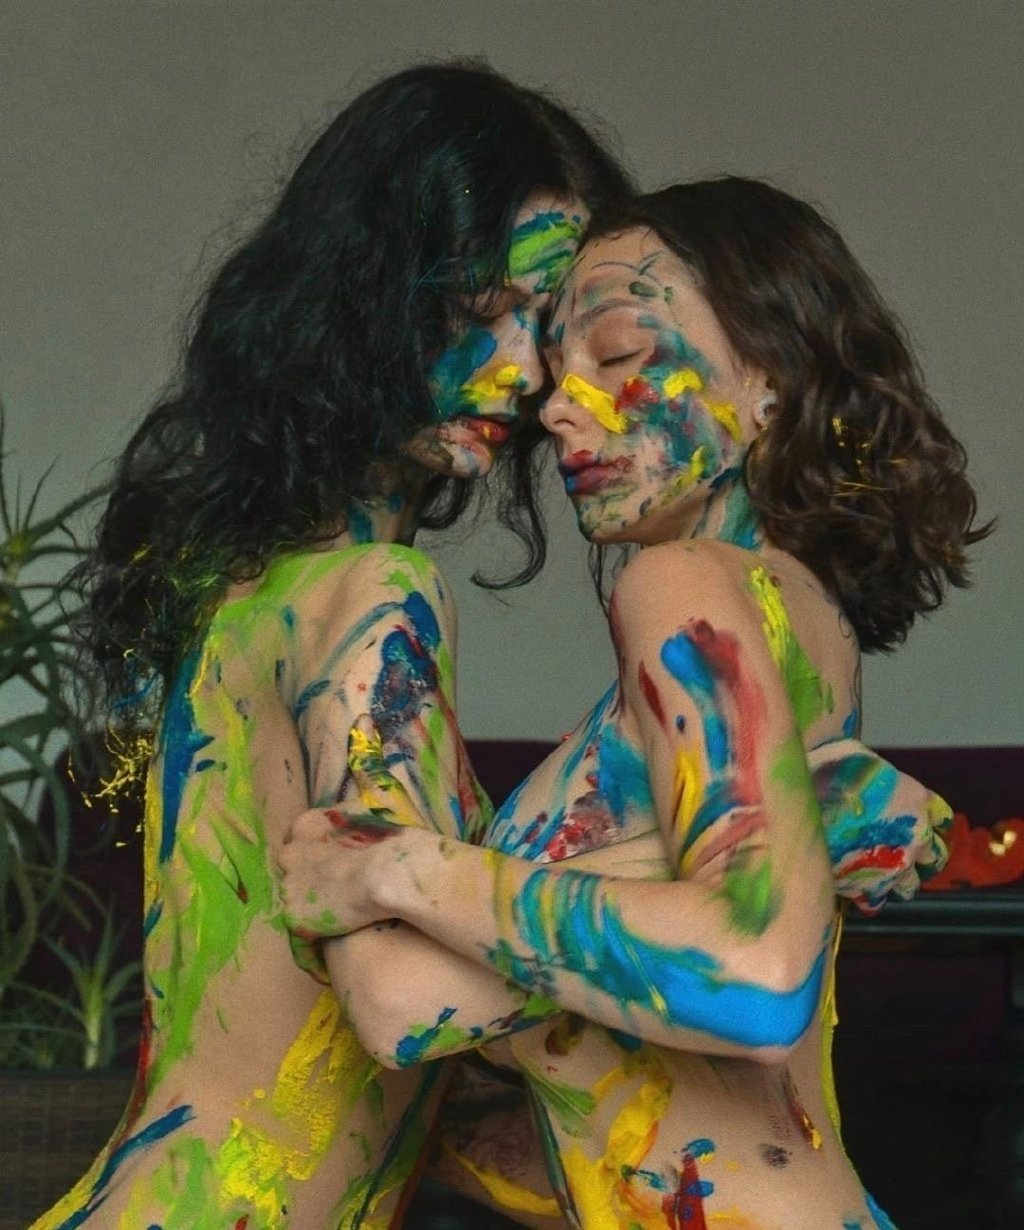 妹子跟妹子KISS是一种什么样的感觉? 第5张